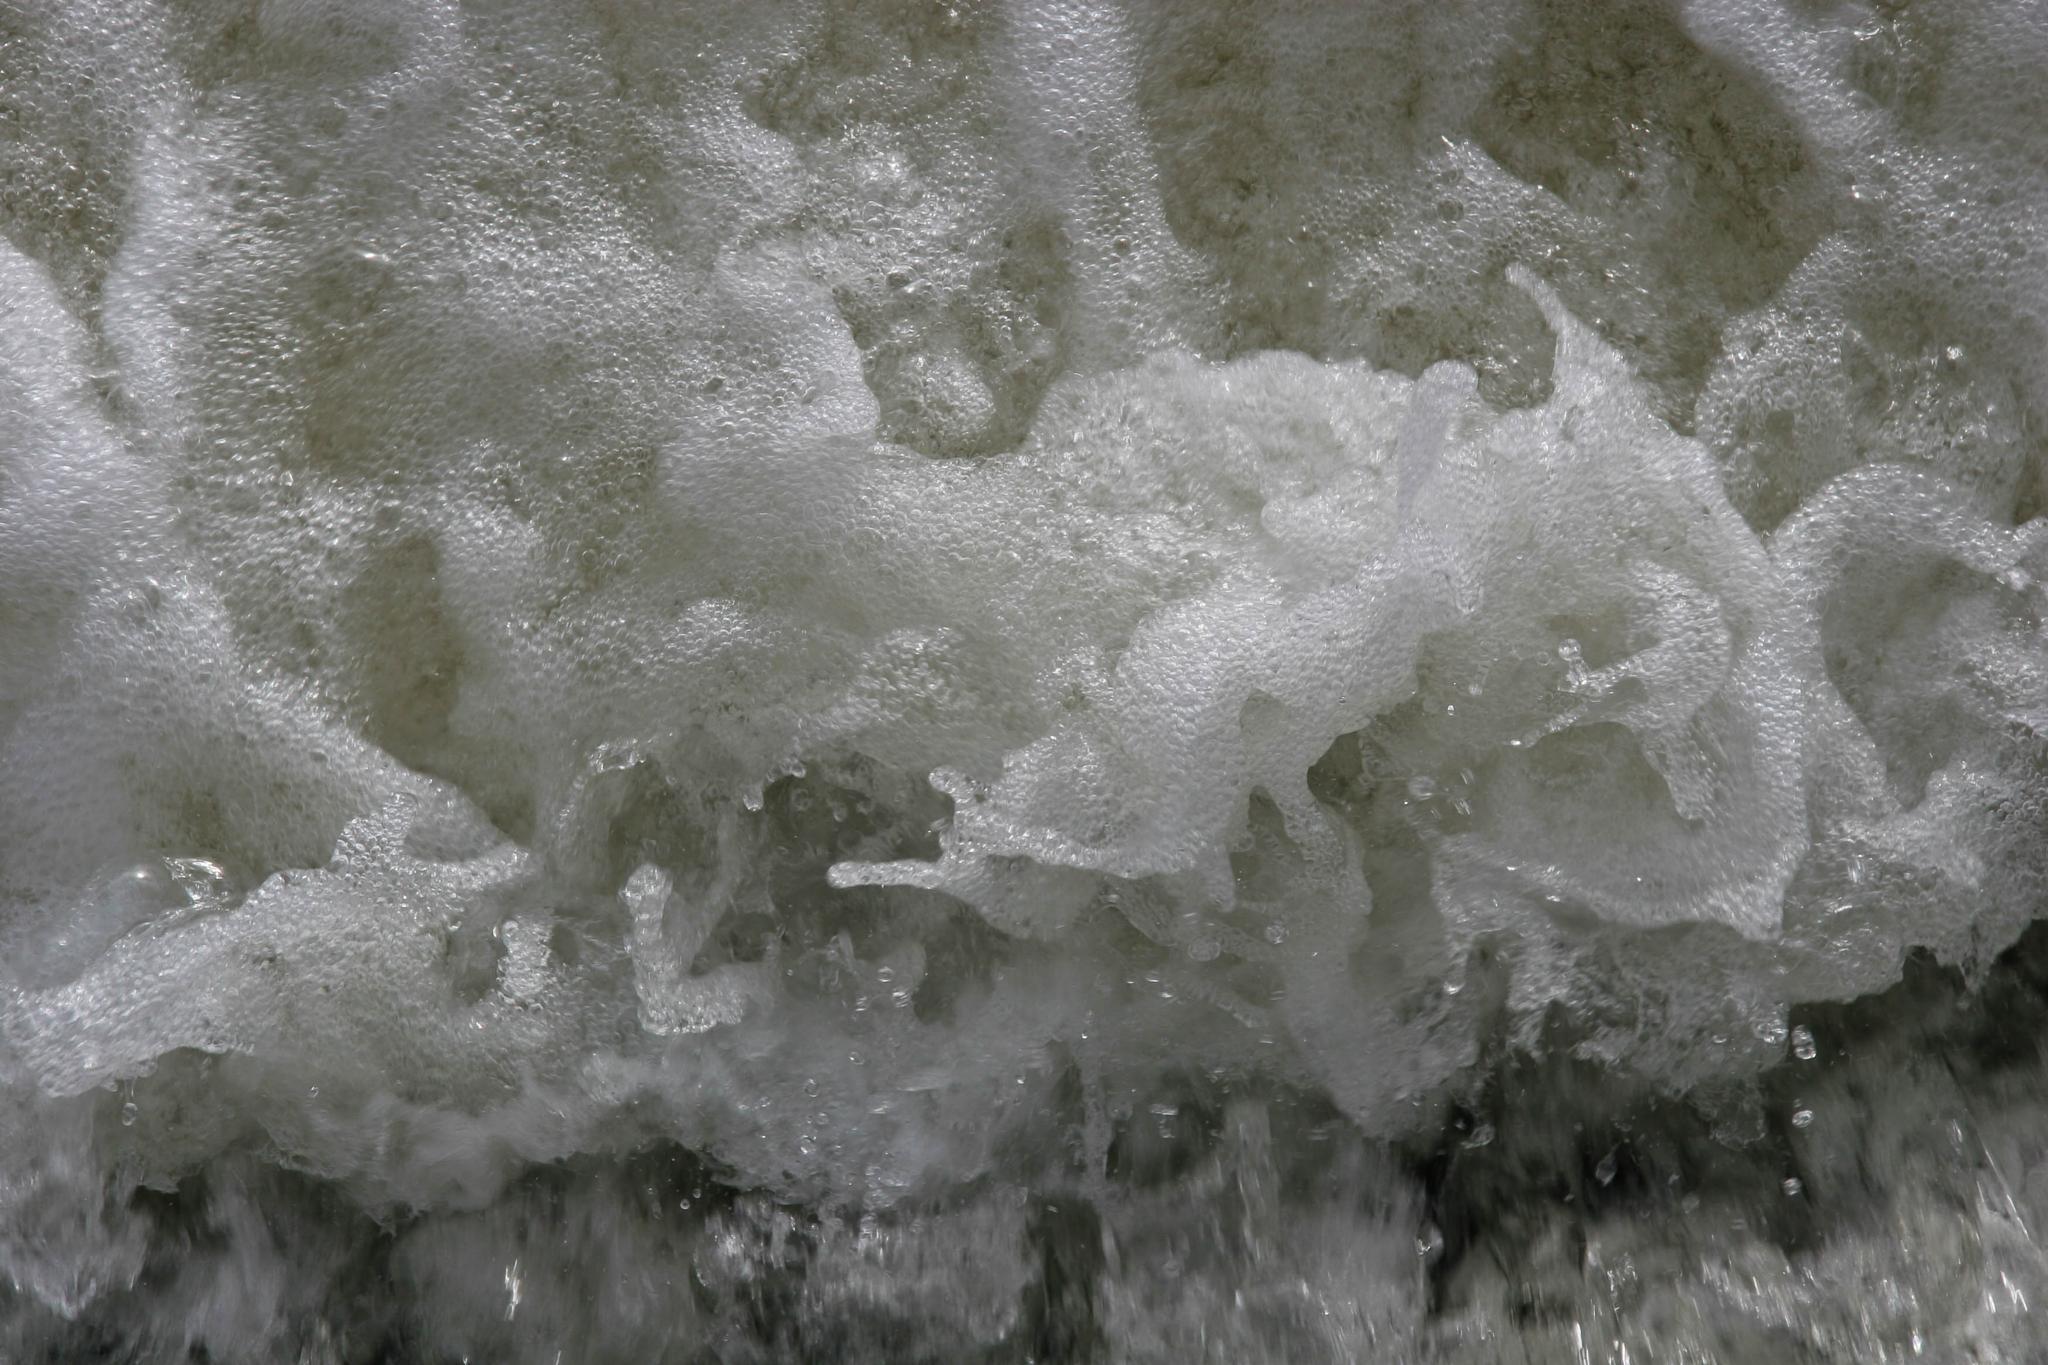 Frothy water by stewart.macintyre.7